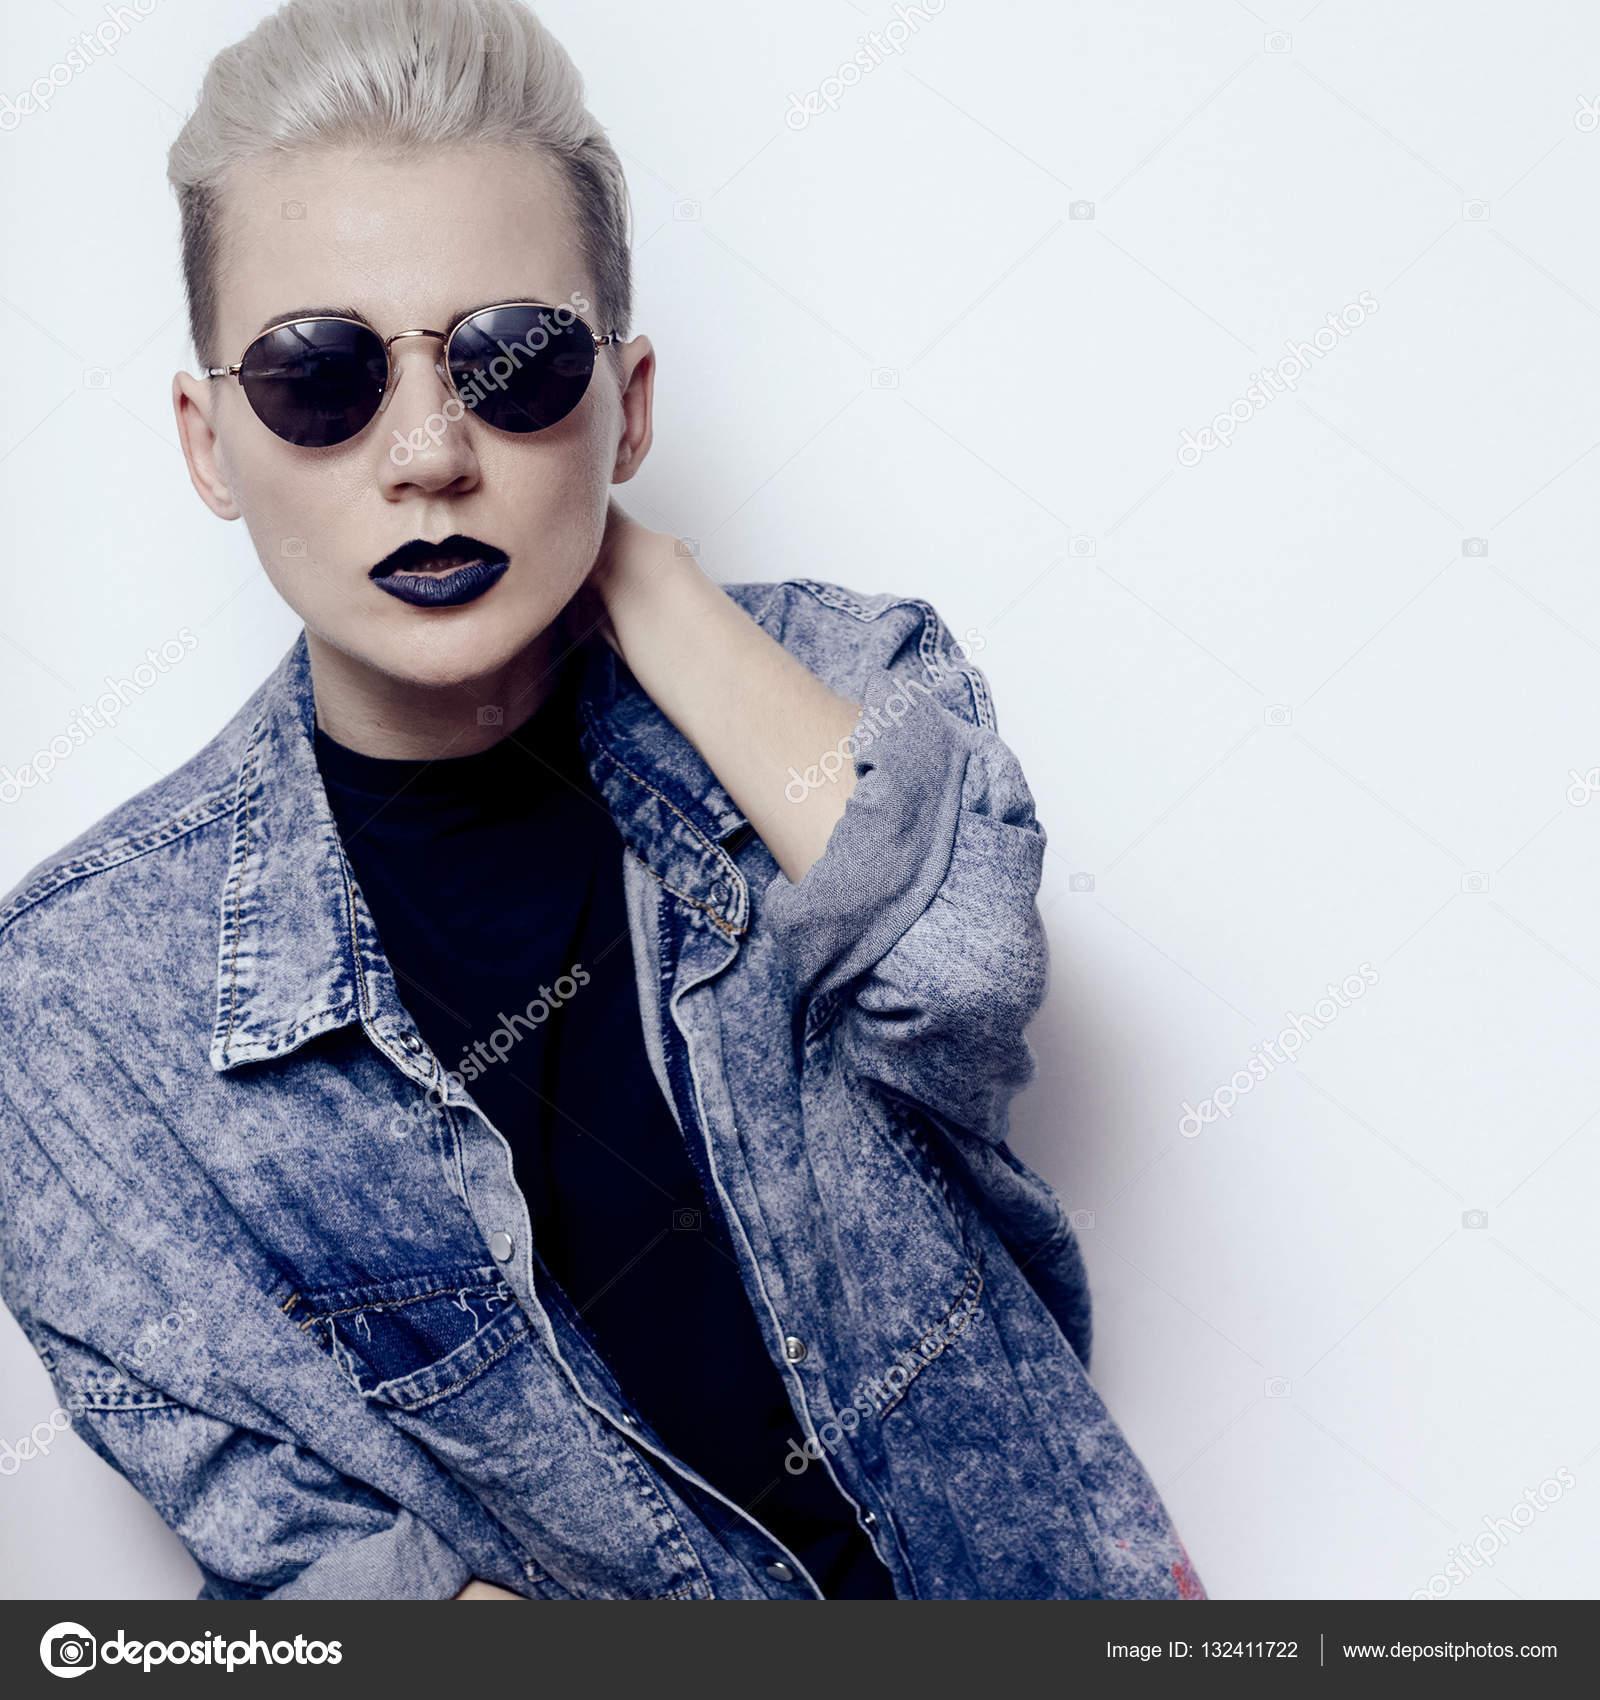 26816ede1acab Elegante loira com cabelo curto. Tendência maquiagem preta lábios glamourosa  Tomboy hipster moda vintage óculos de sol punk rock estilo — Fotografia por  ...